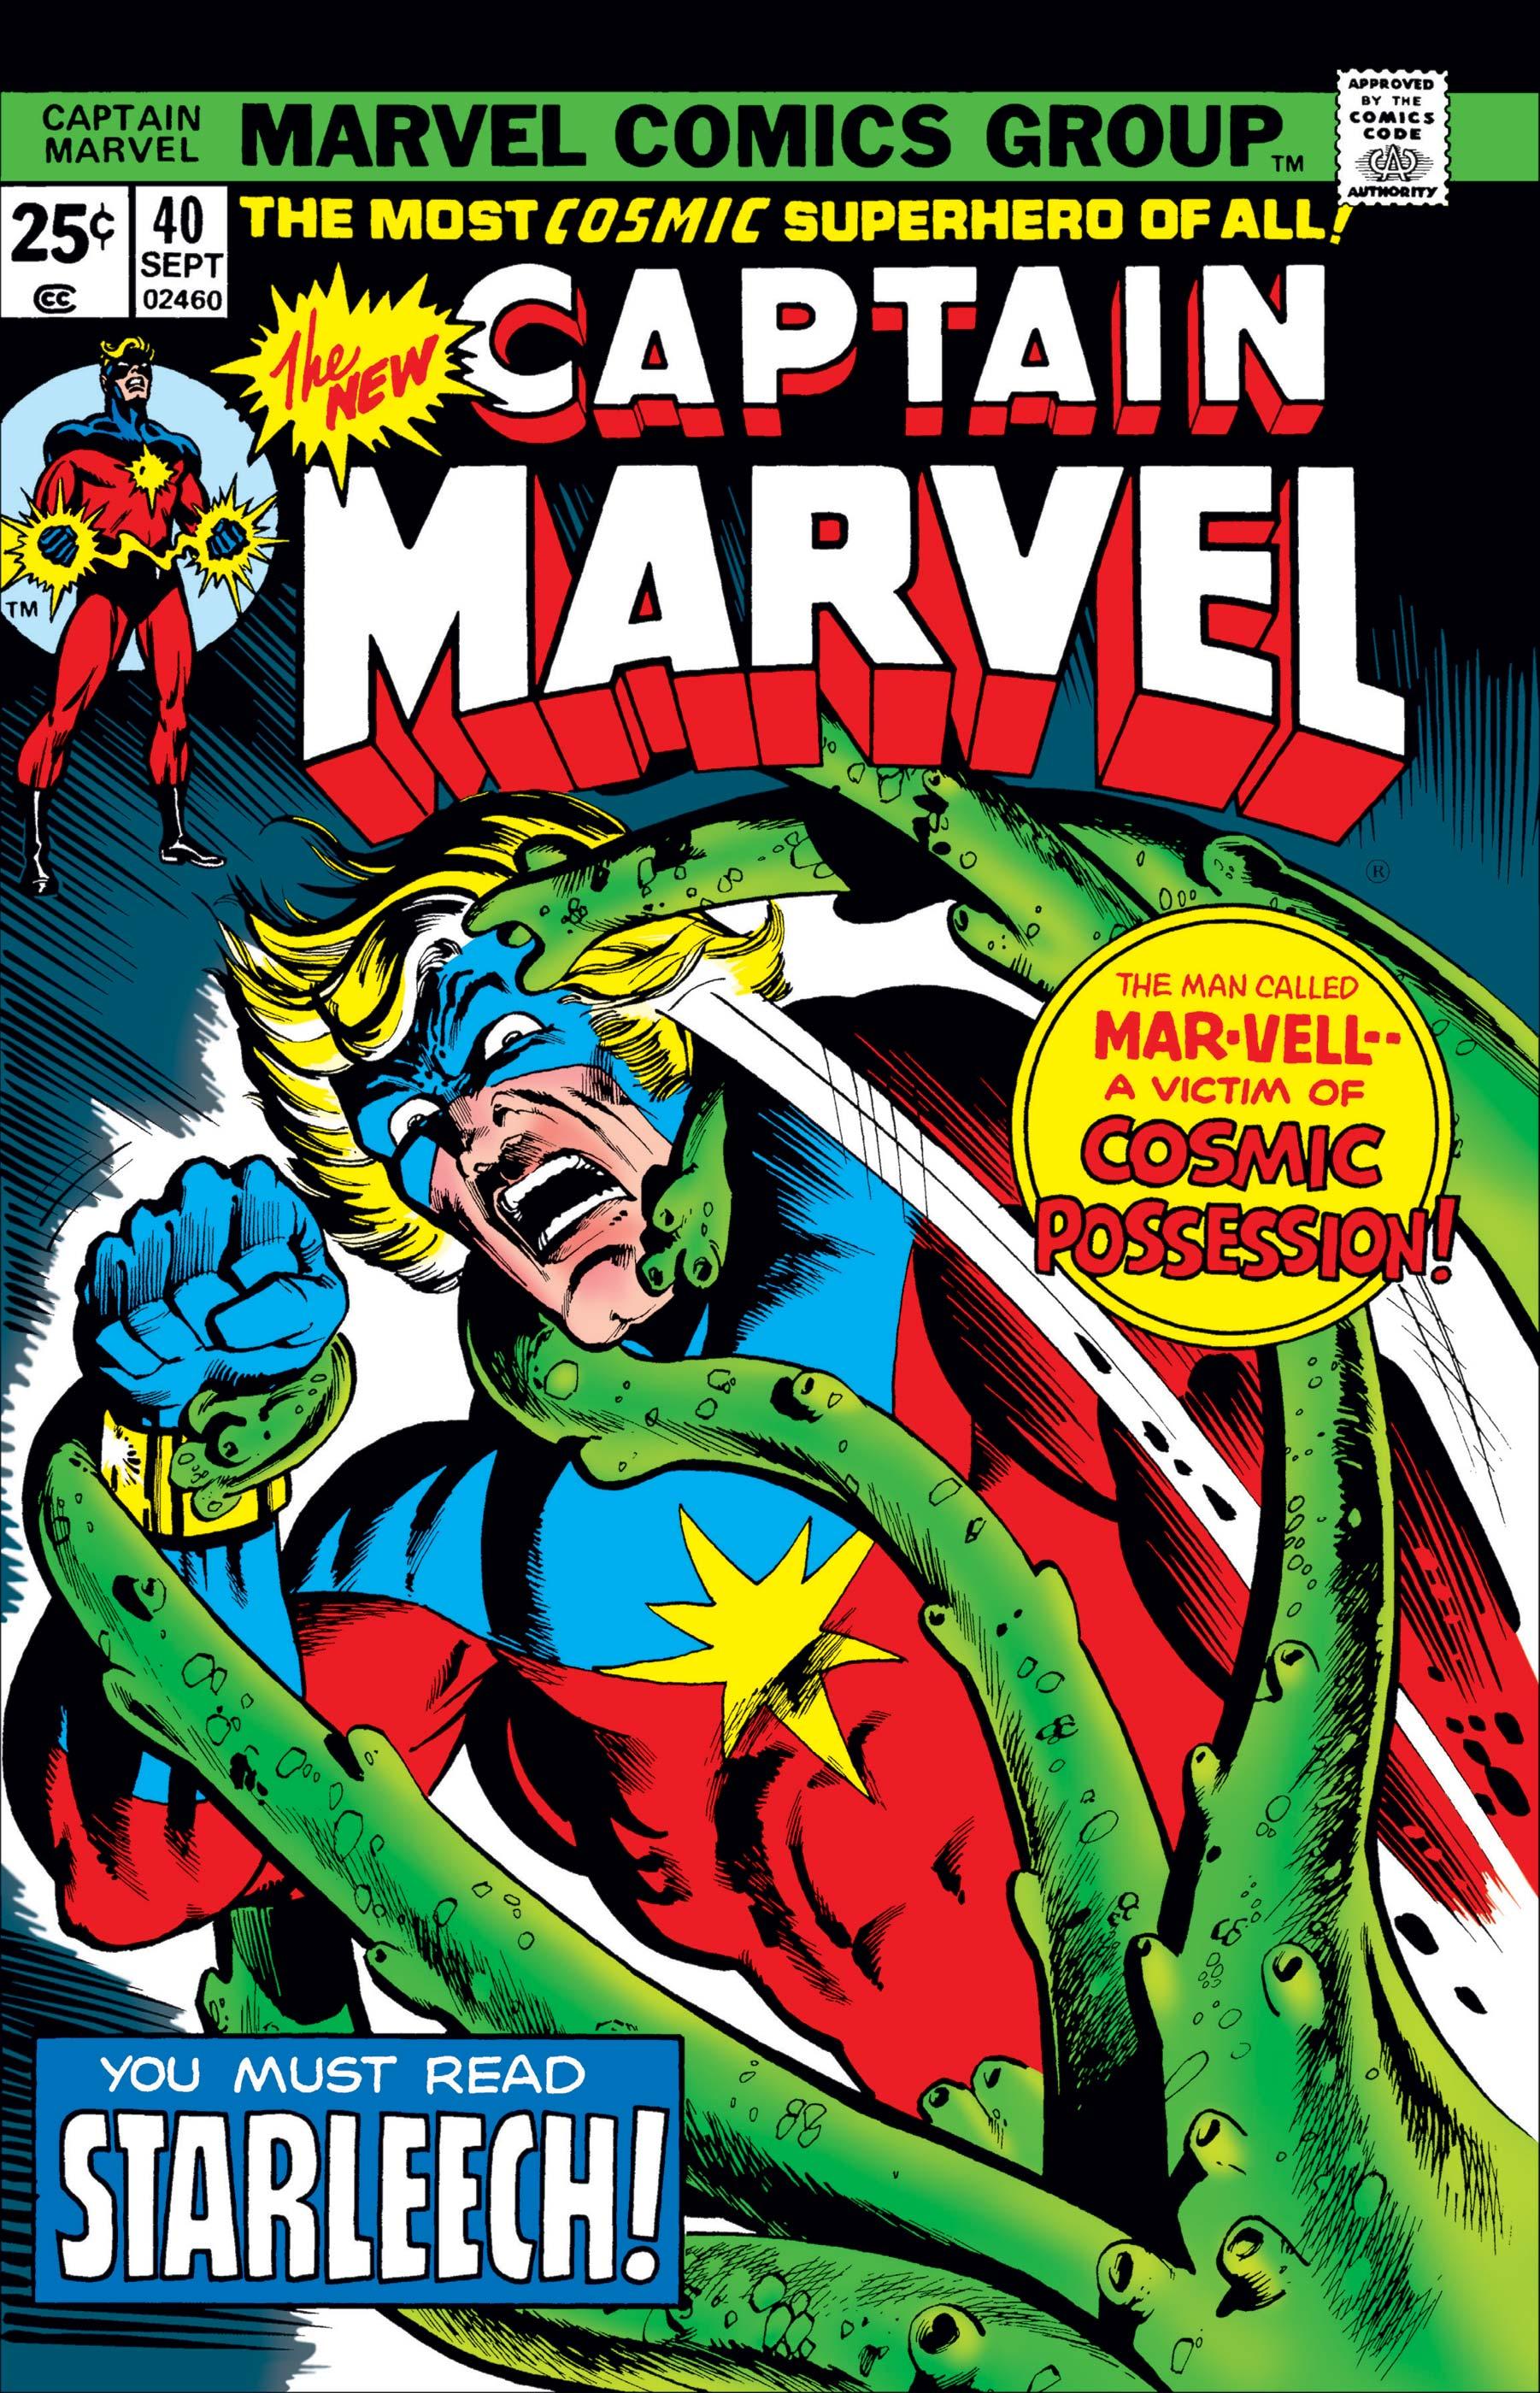 Captain Marvel (1968) #40